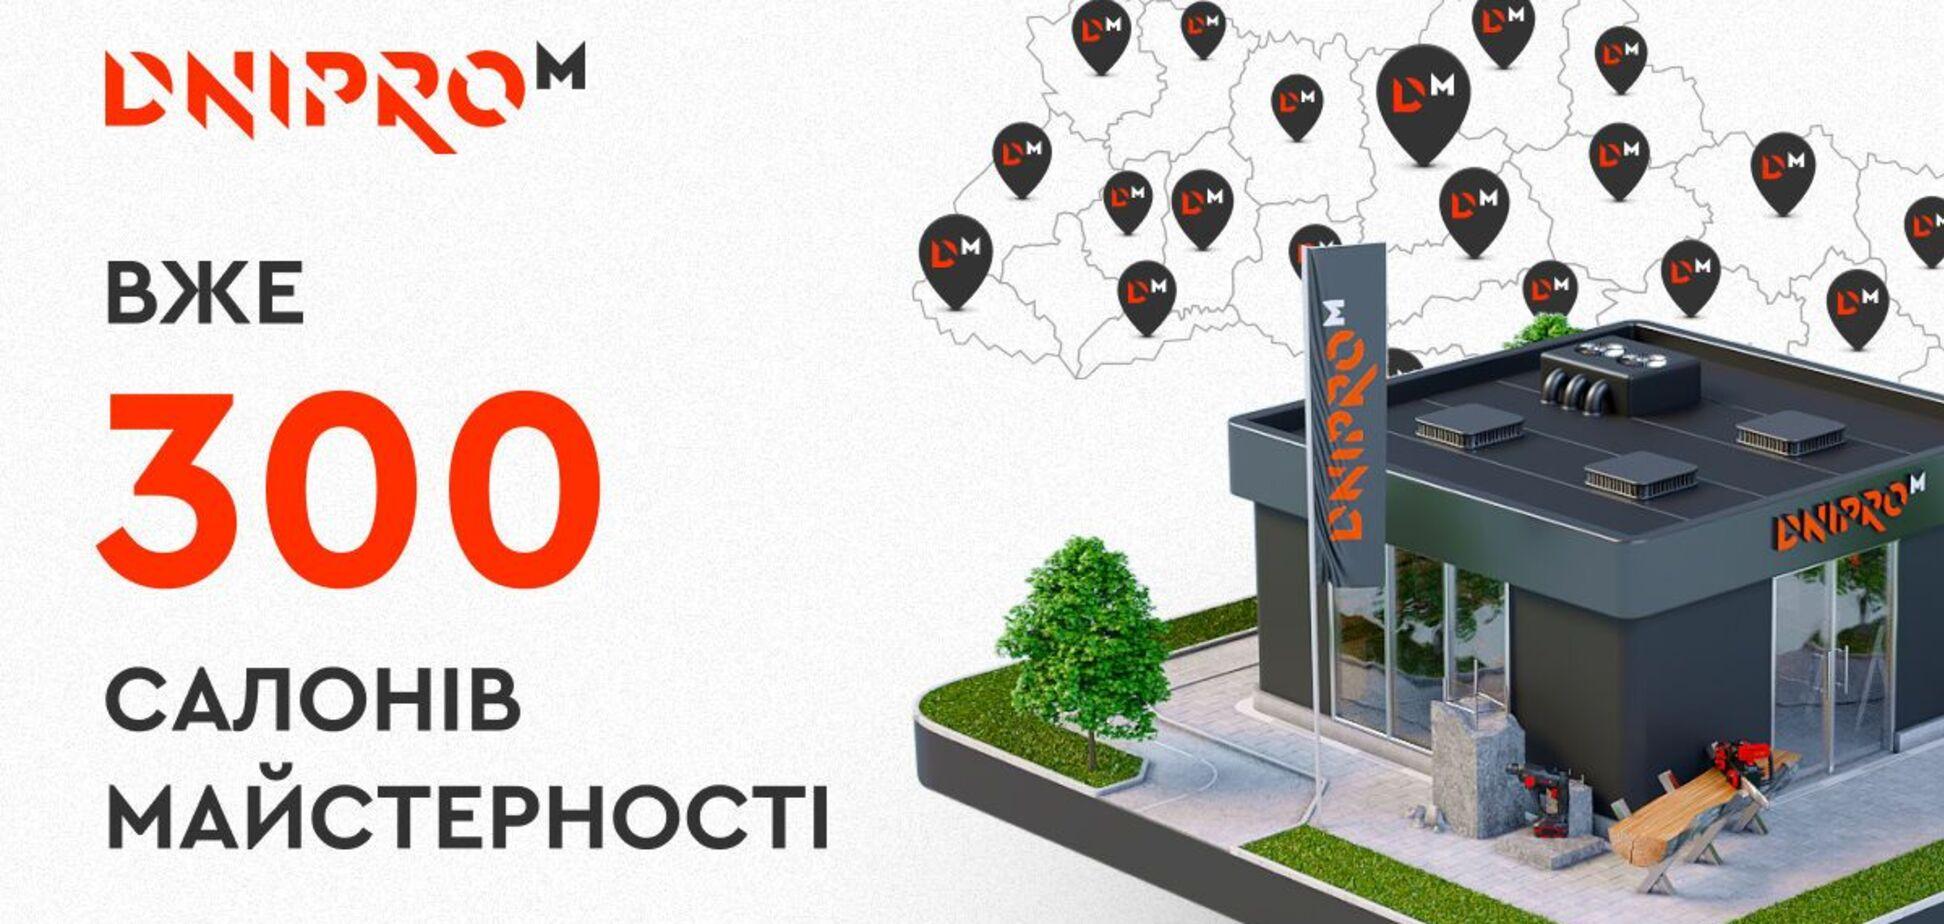 В Украине открыли 300-е пространство мастерства: что это?